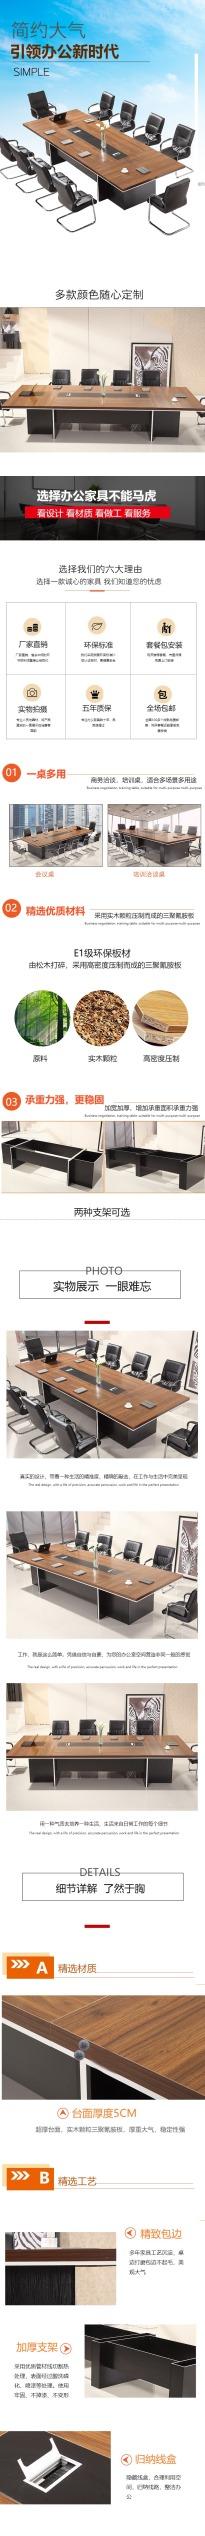 简约大气消费制造办公家具桌子促销电商详情页